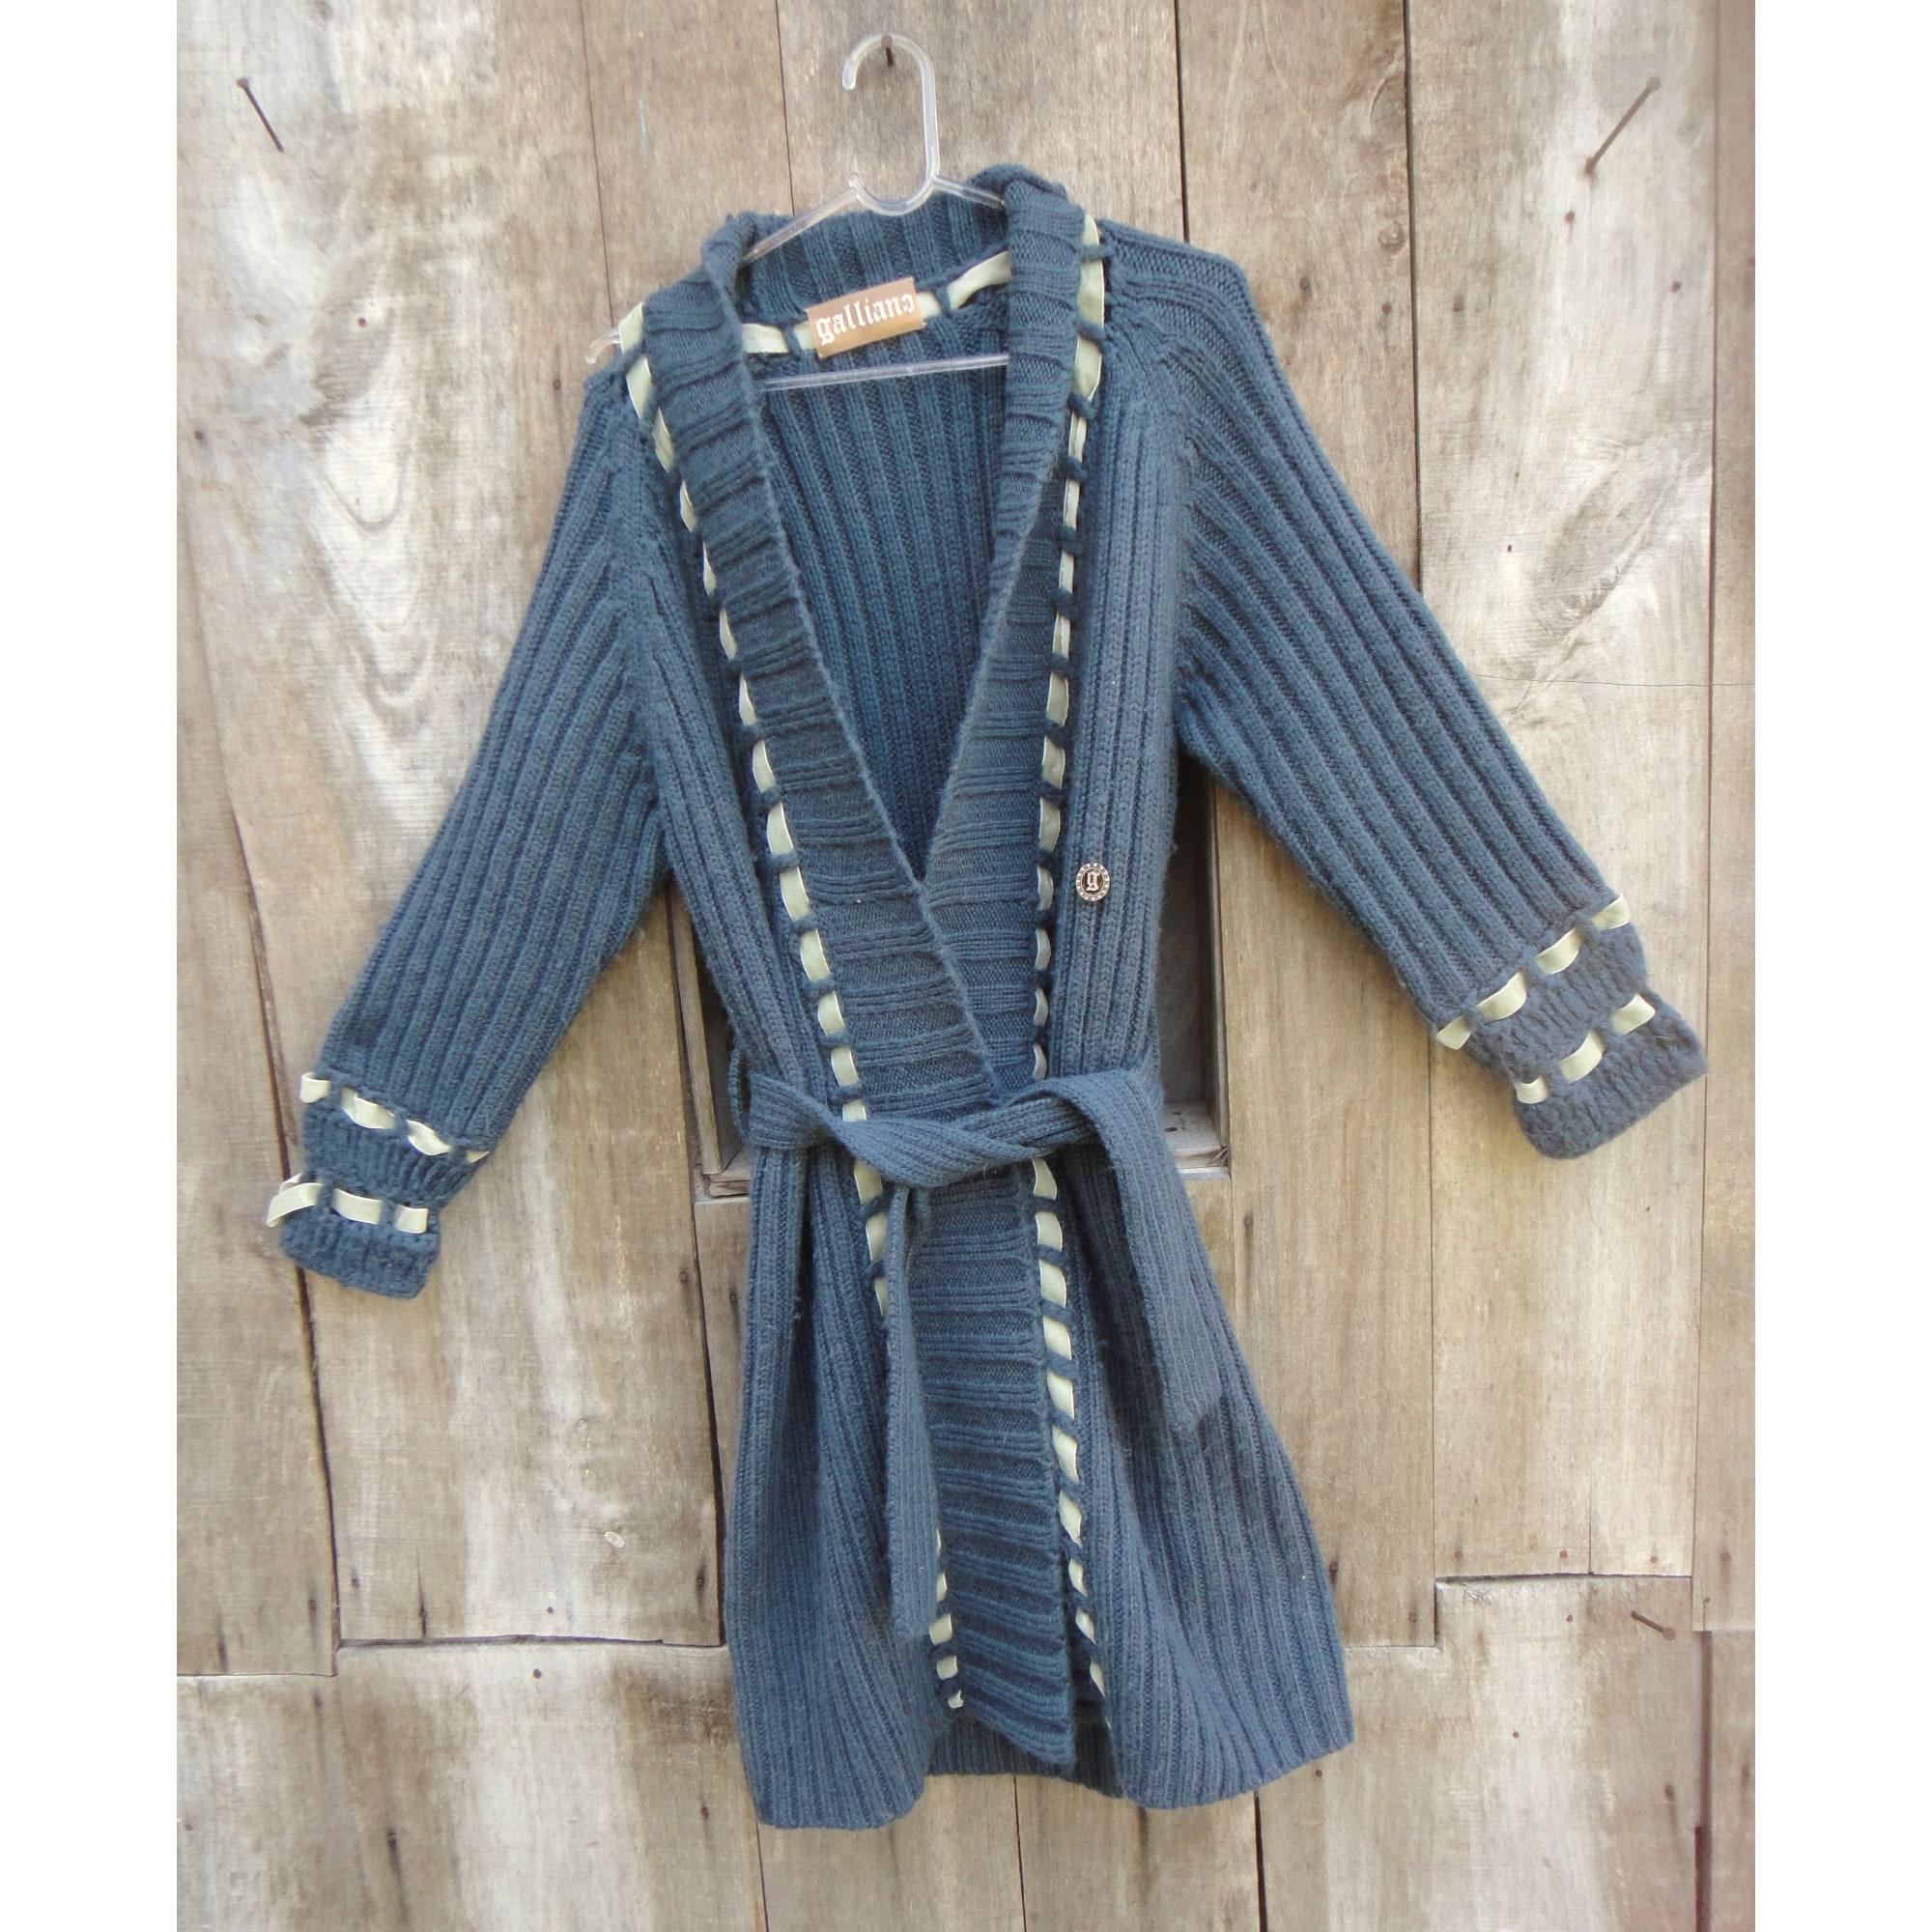 Gilet, cardigan GALLIANO Bleu, bleu marine, bleu turquoise